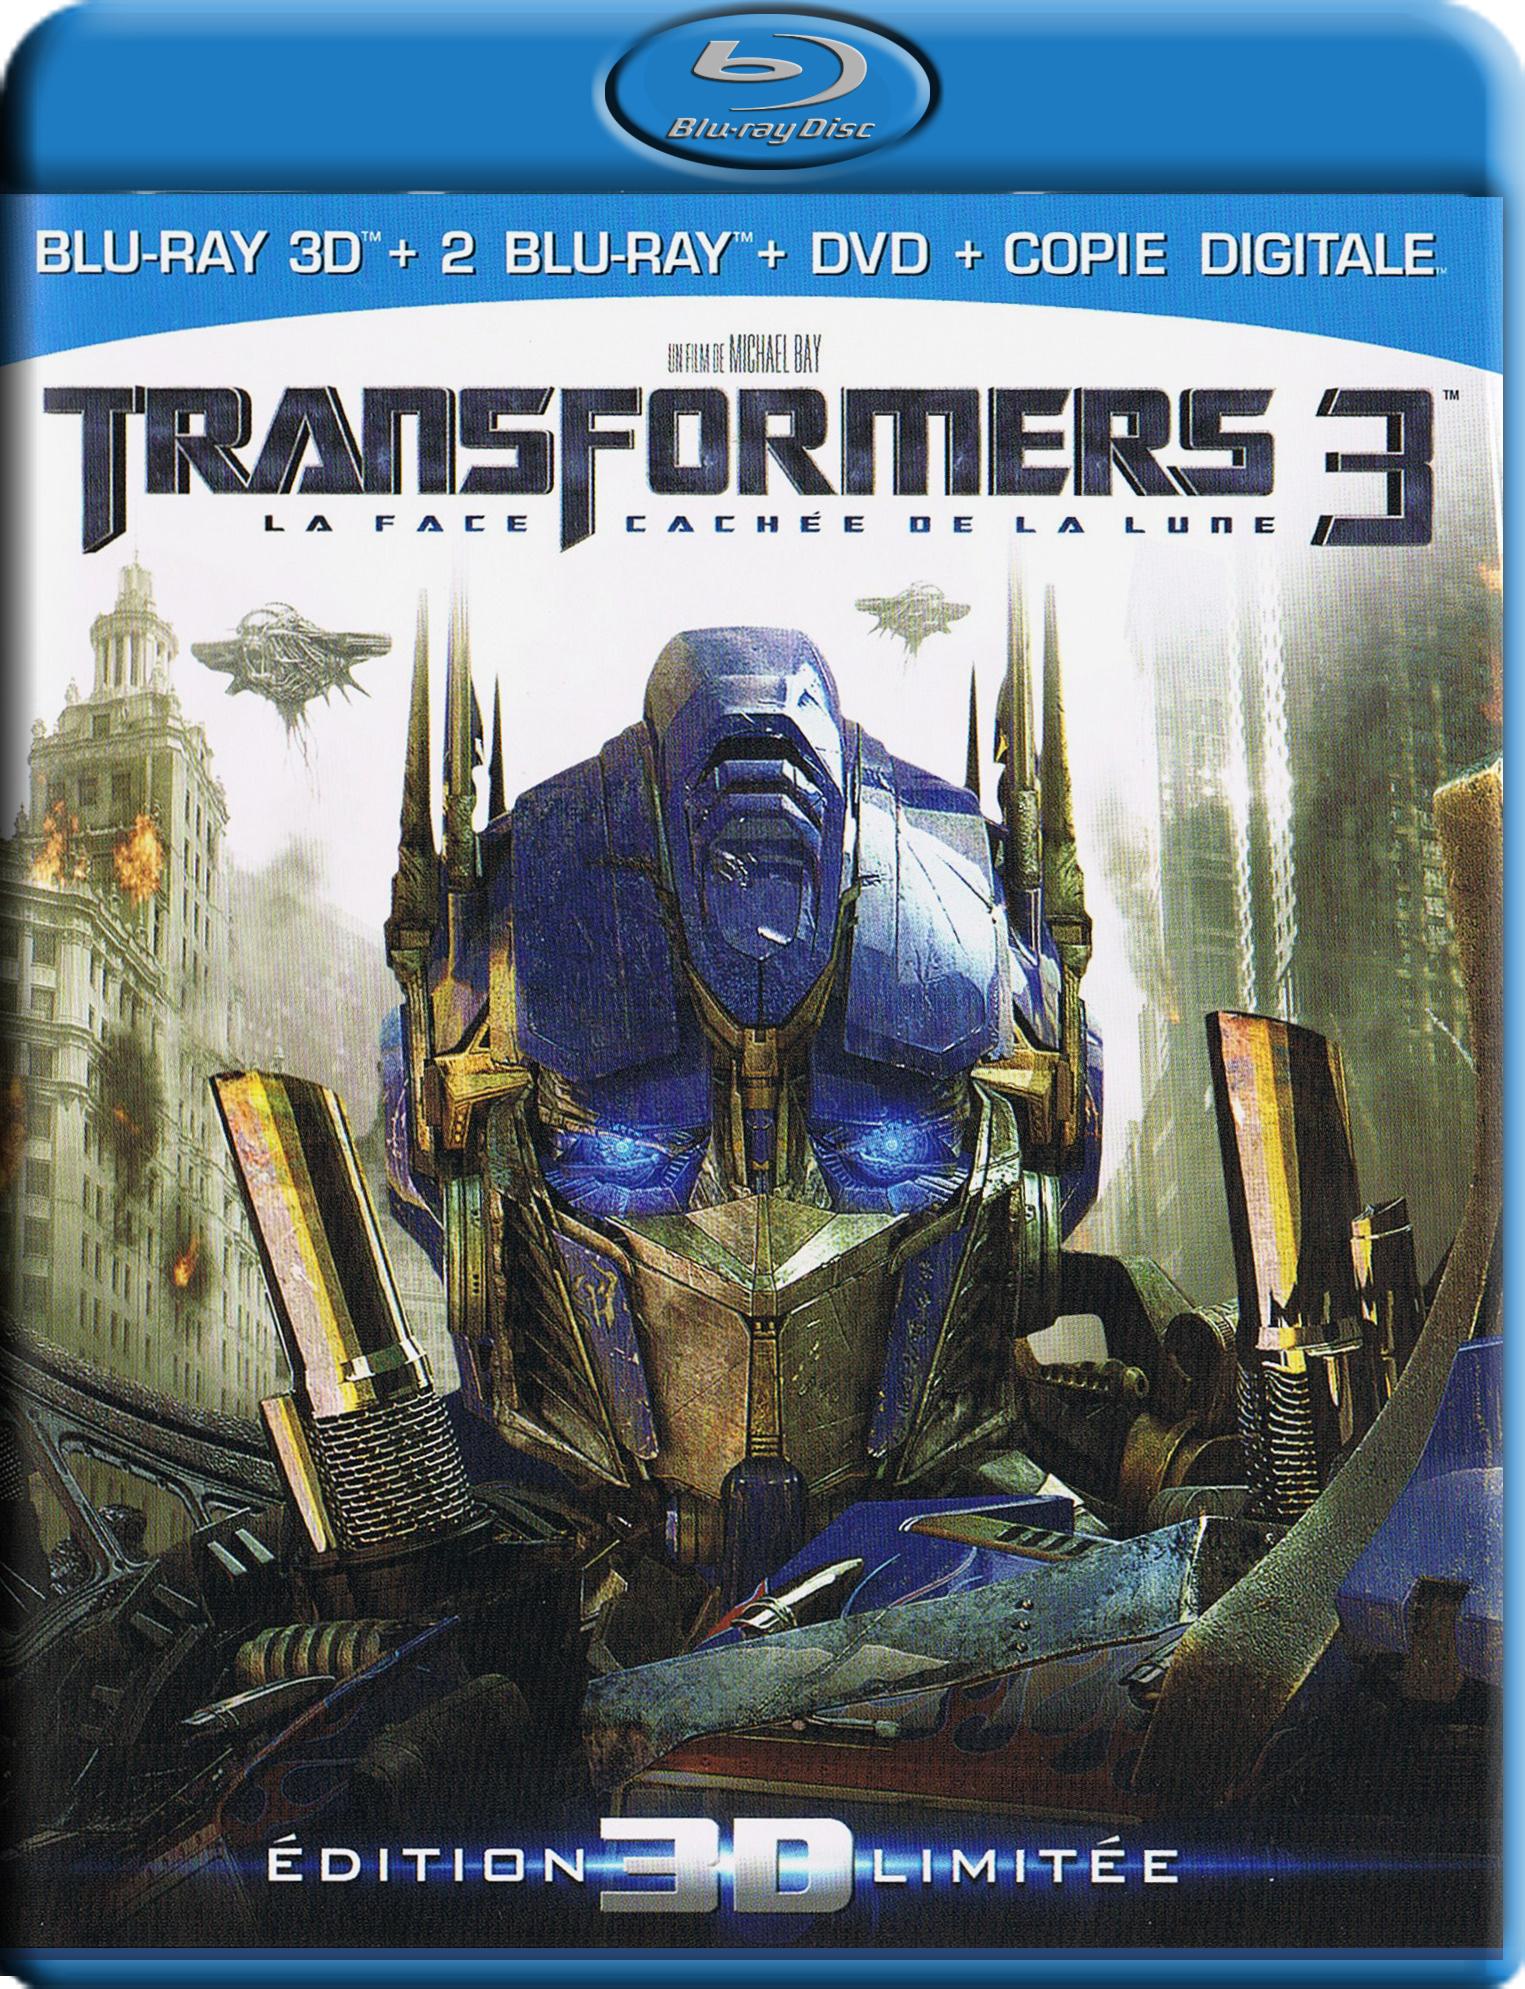 Transformers 3 - La Face cachée de la Lune 1